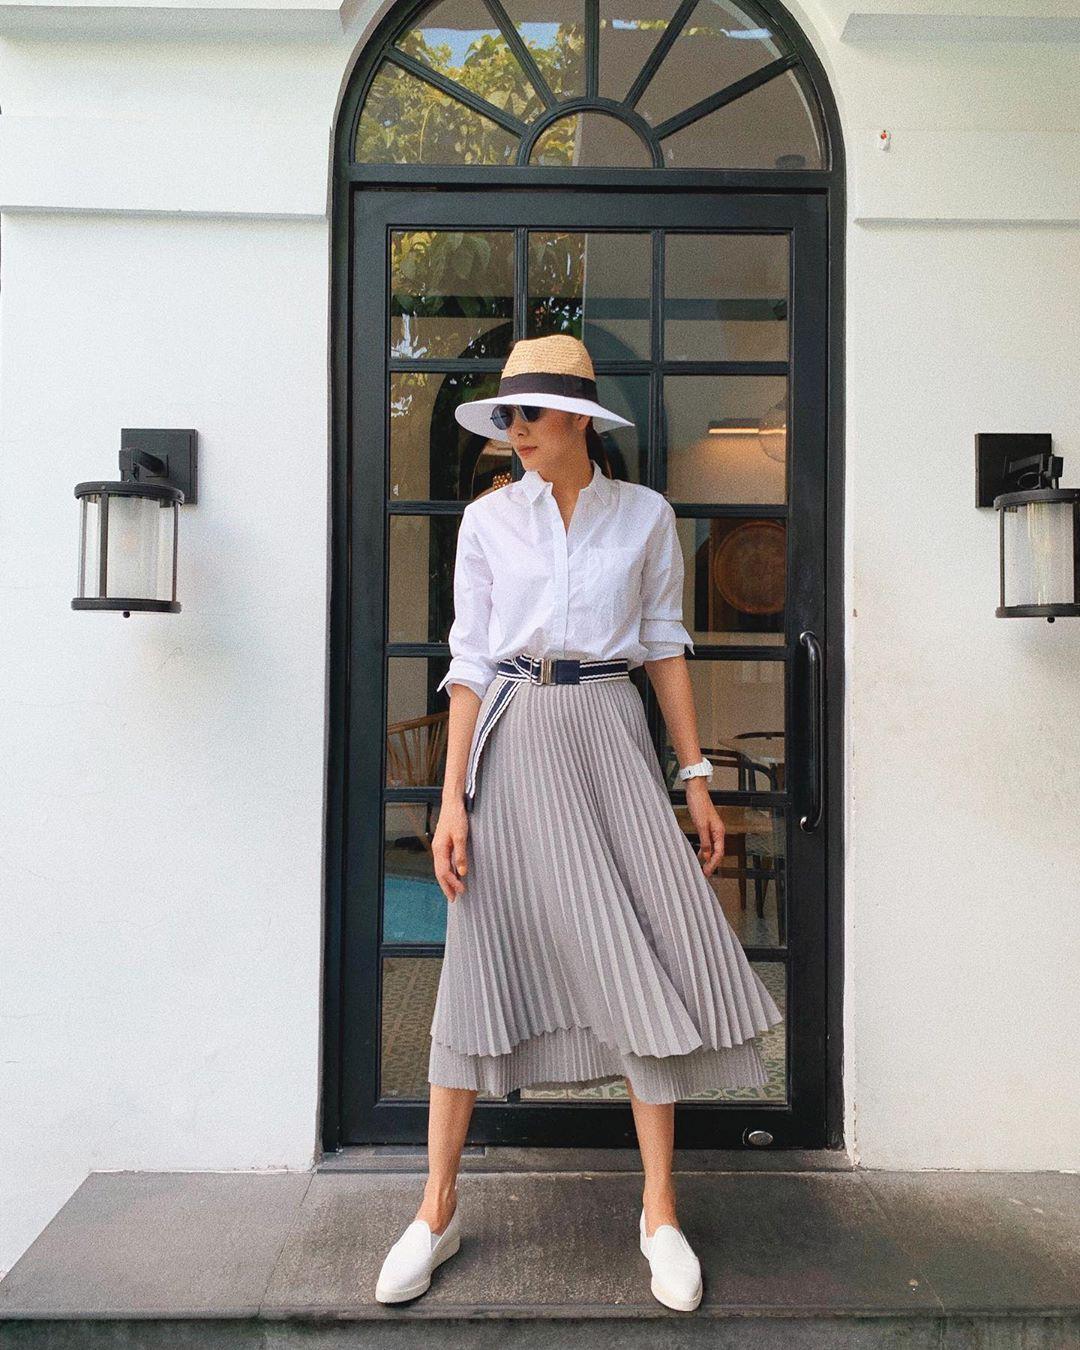 Chân váy xếp ly vẫn chưa hạ nhiệt: Được các sao nữ nổi tiếng mặc đẹp mê tít, mix&match bao kiểu tuyệt xinh - Ảnh 3.